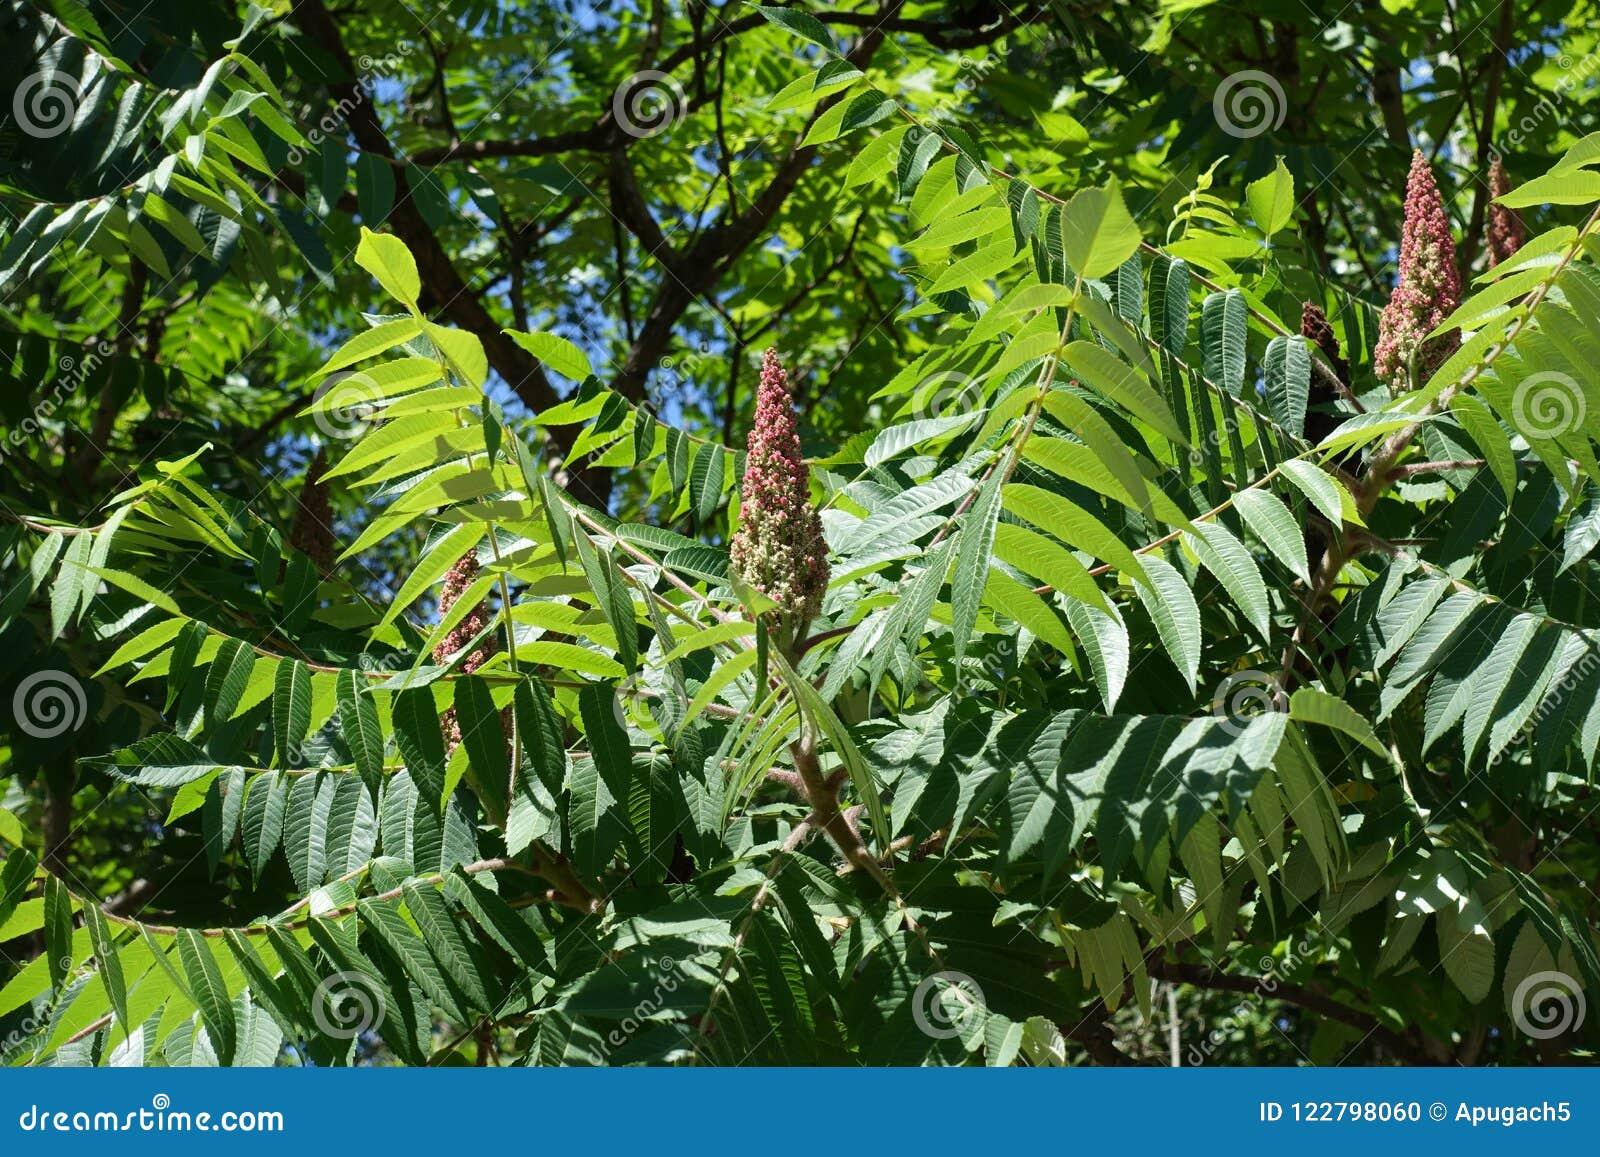 Racimo cónico verde rosáceo de árbol de vinagre